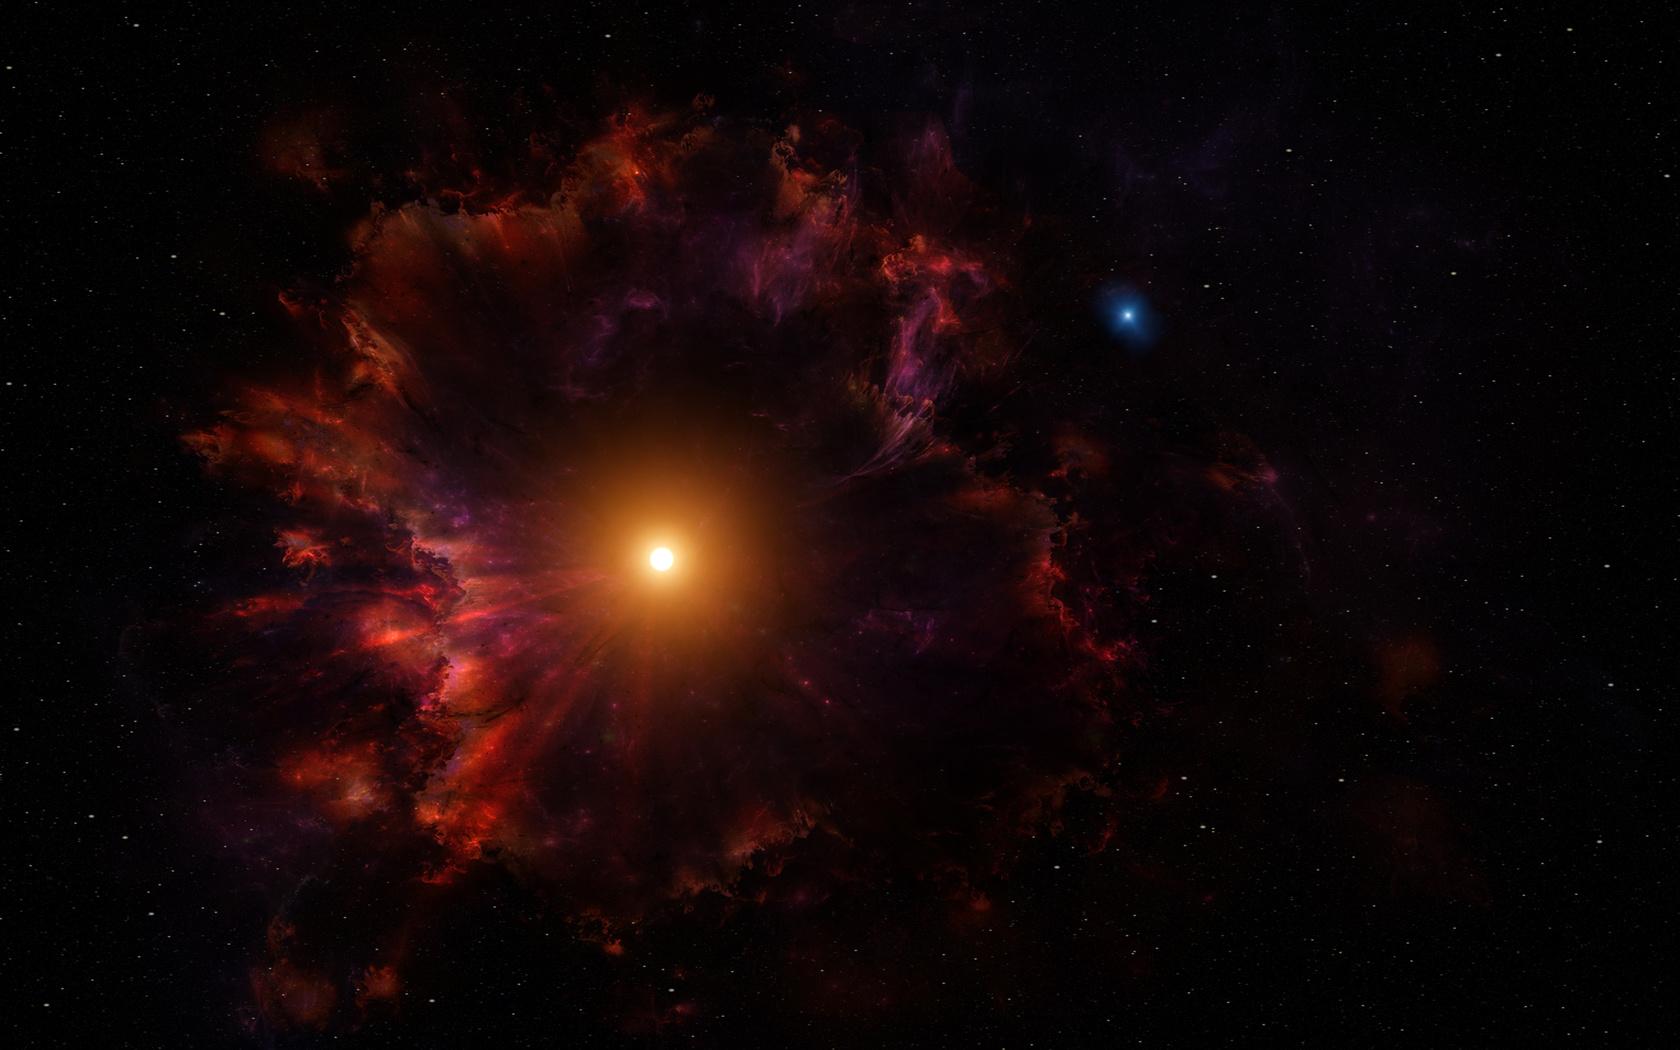 звезда, туманность, космос